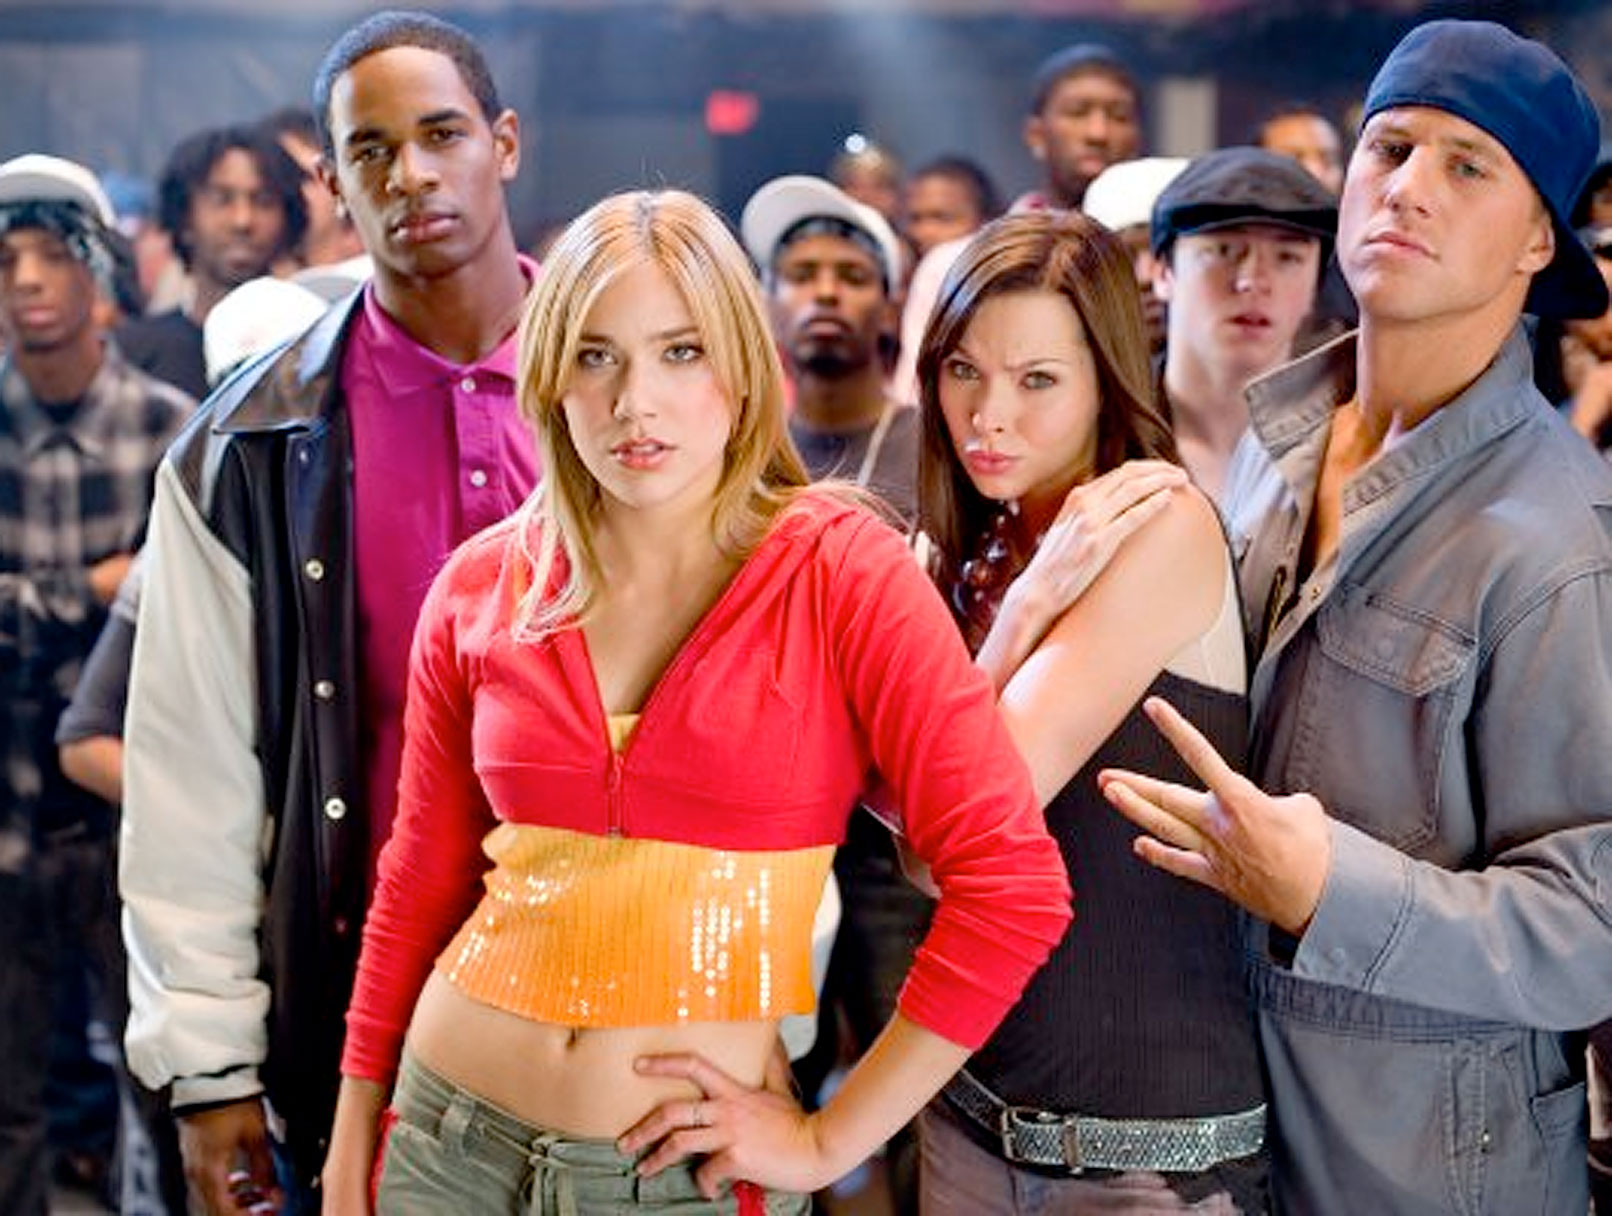 EXCLUSIVE VIDEO: 'Dance Flick' Cafeteria Scene